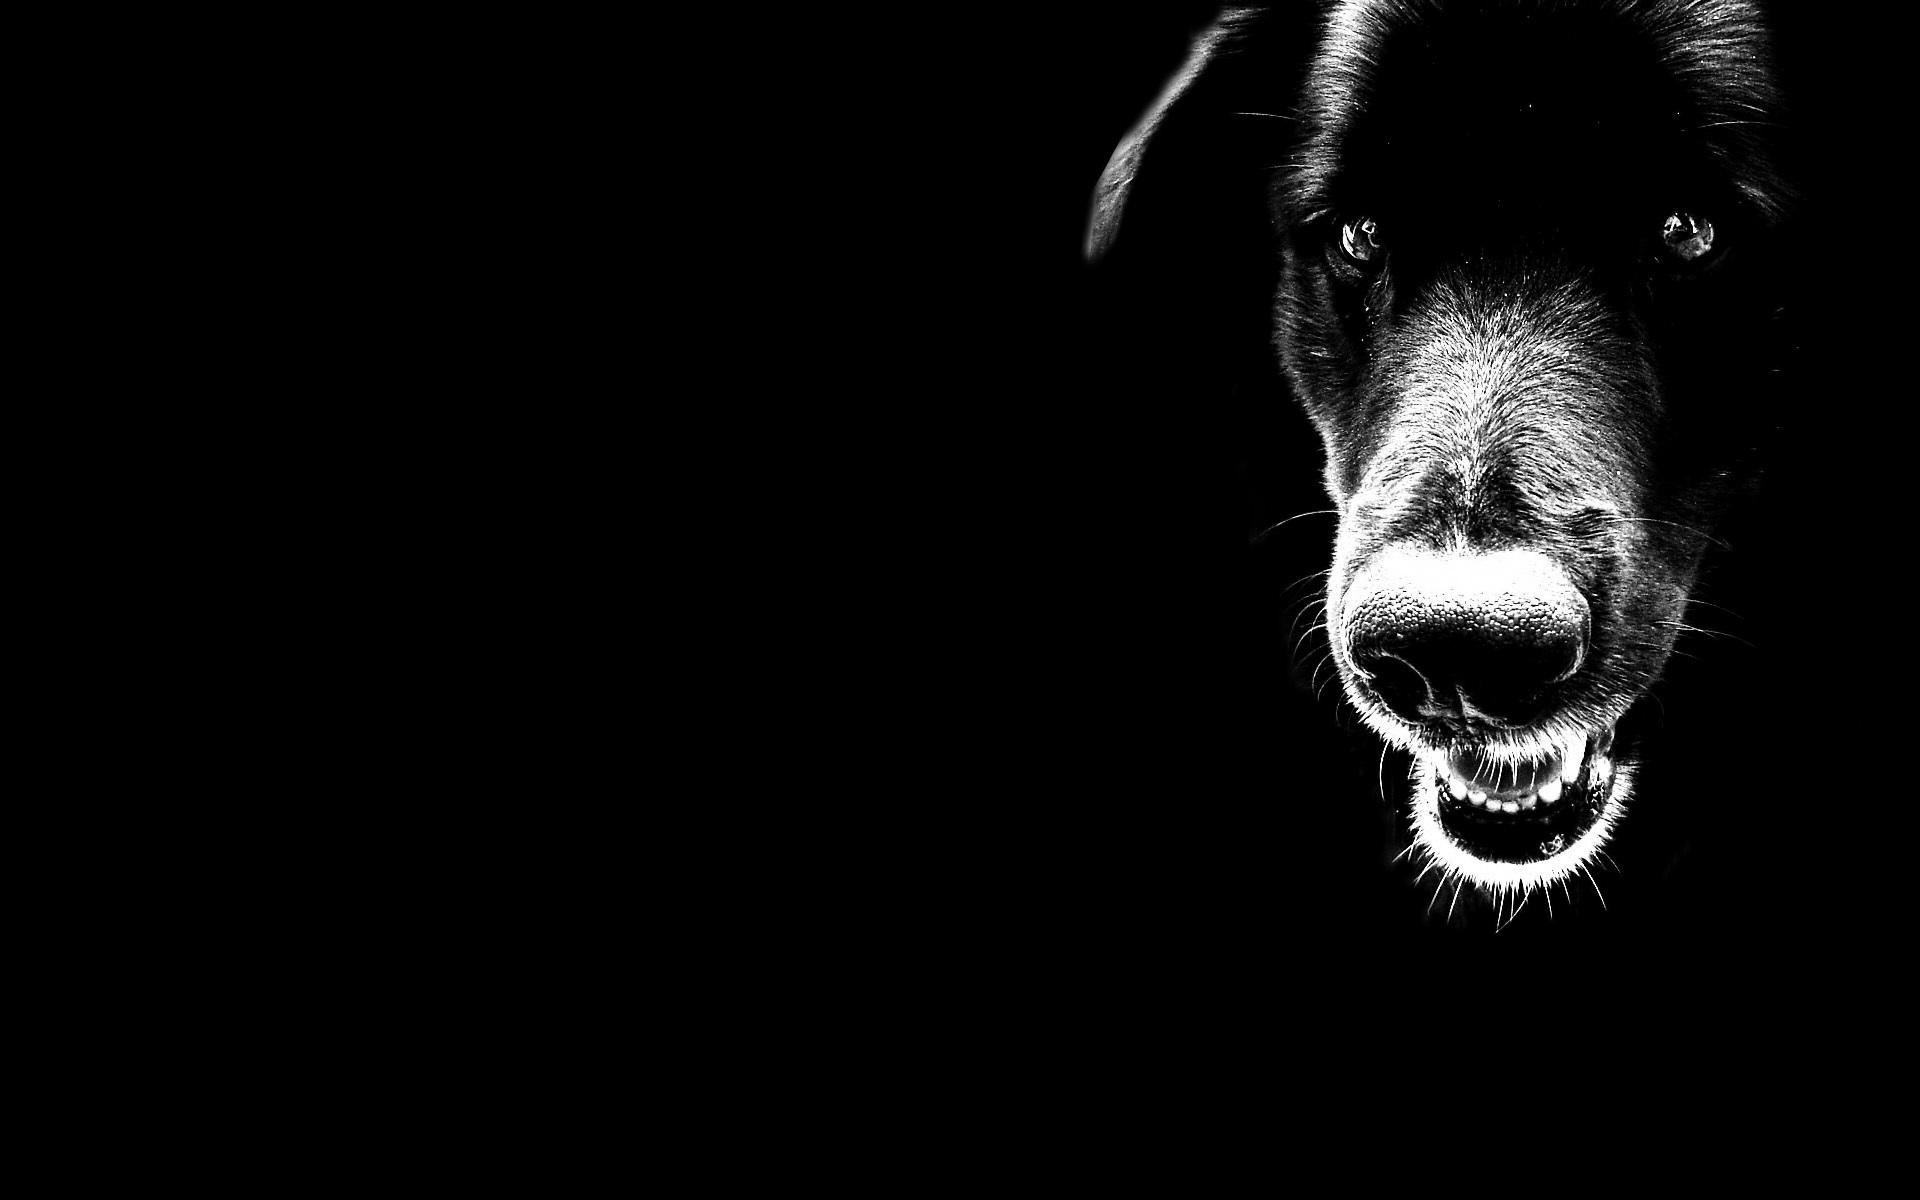 23847 скачать обои Животные, Собаки - заставки и картинки бесплатно